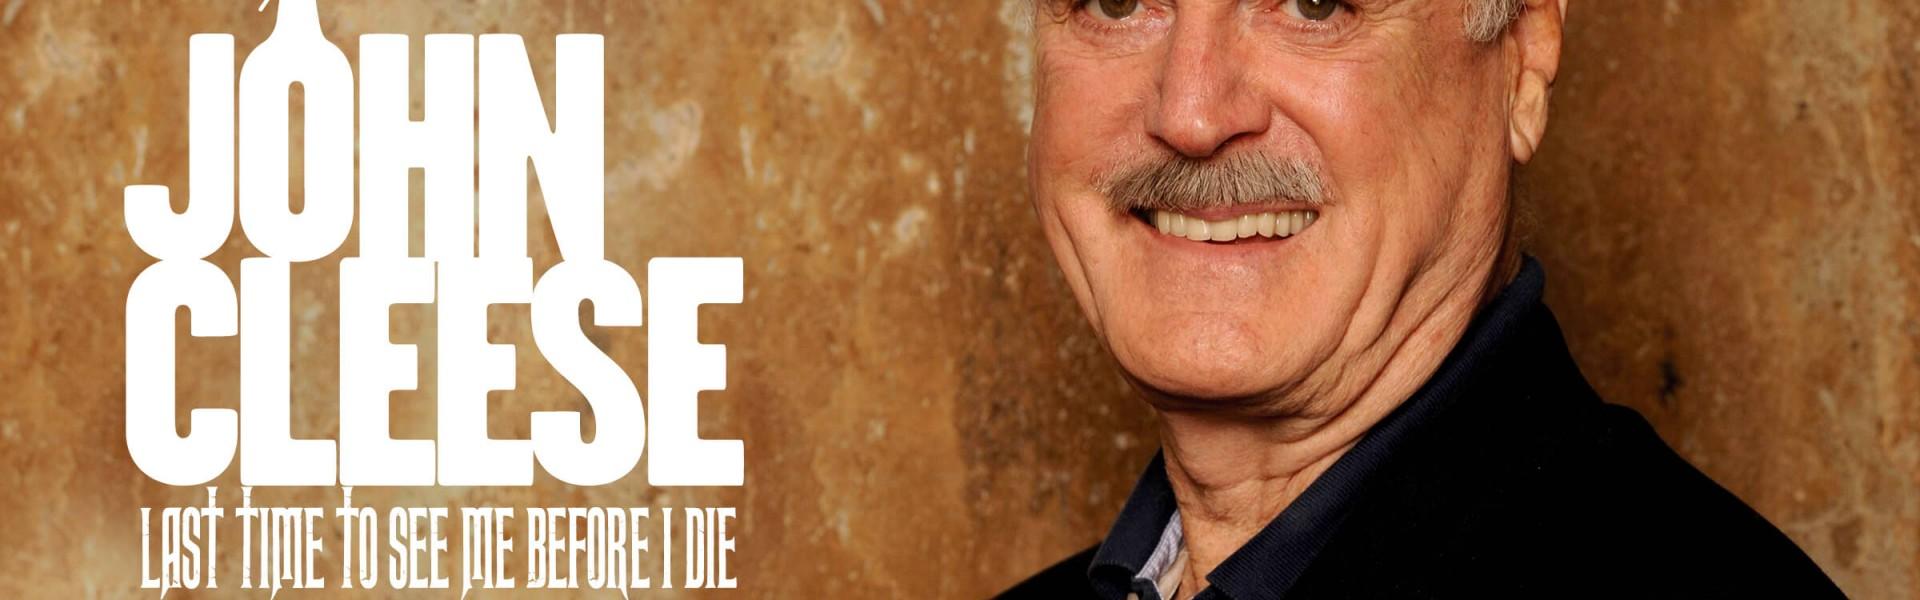 JOHN CLEESE – LAST TIME TO SEE ME BEFORE I DIE!